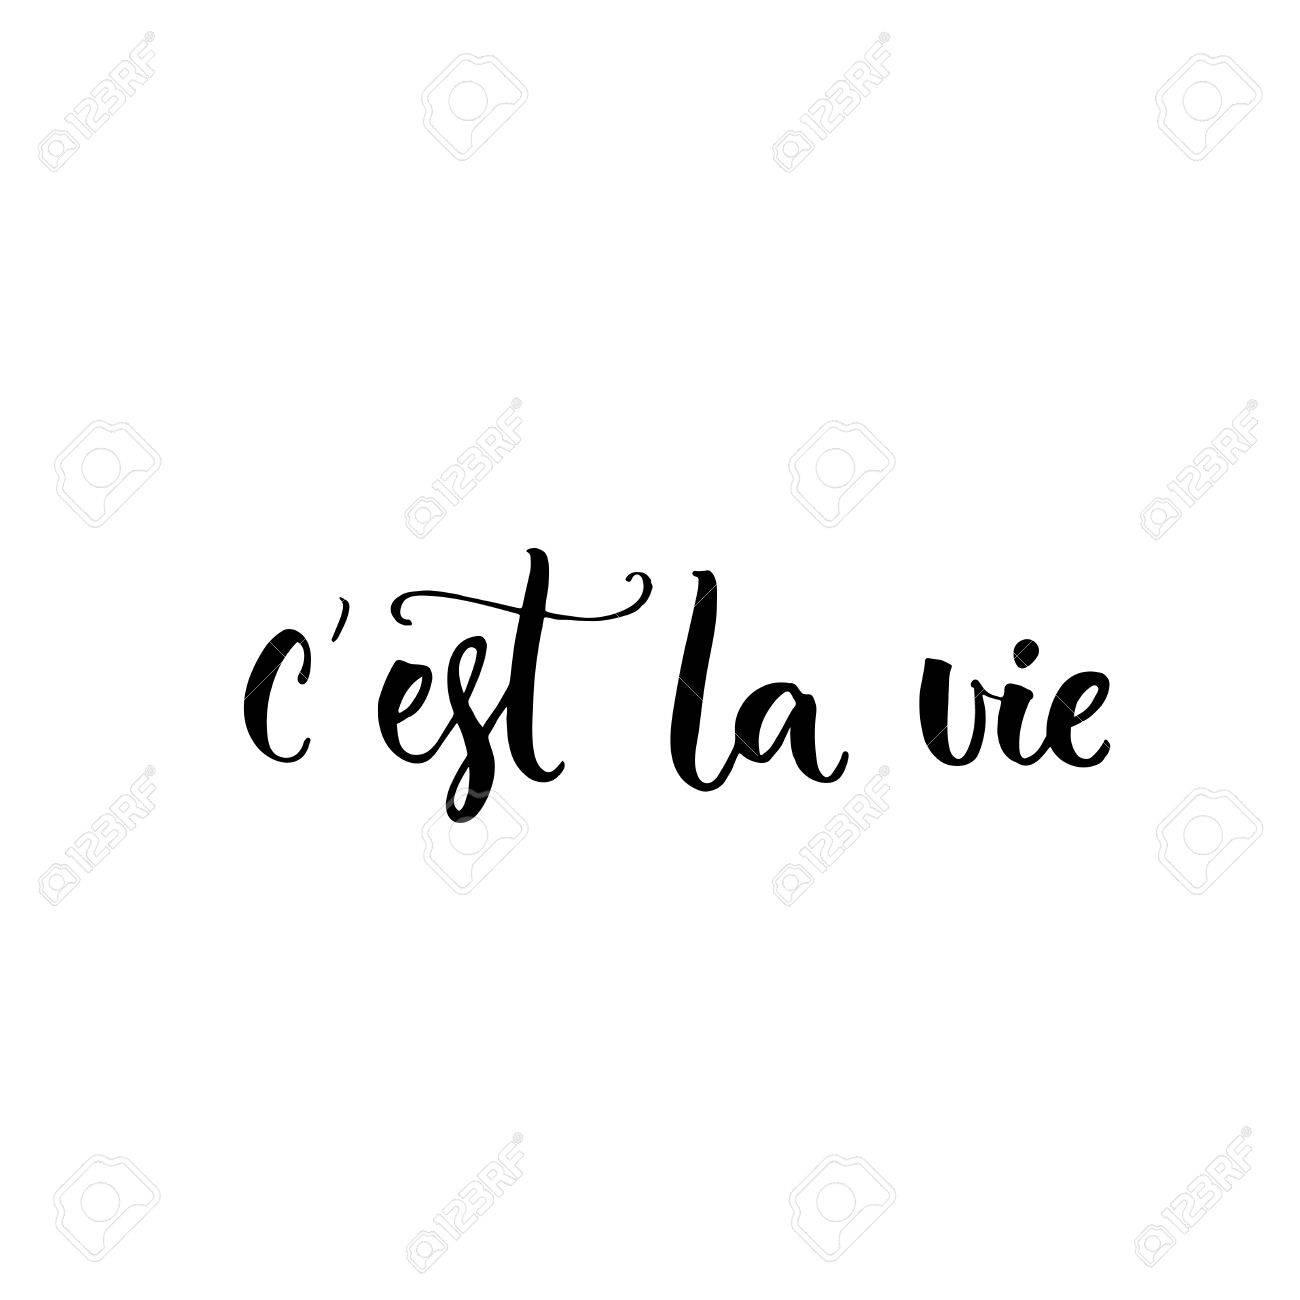 Así Es La Vida Frase En Francés Quiere Decir Que Es La Vida Cita De Las Letras Cepillo Para La Ropa De Moda Y Tarjetas Ilustraciones Vectoriales Clip Art Vectorizado Libre De